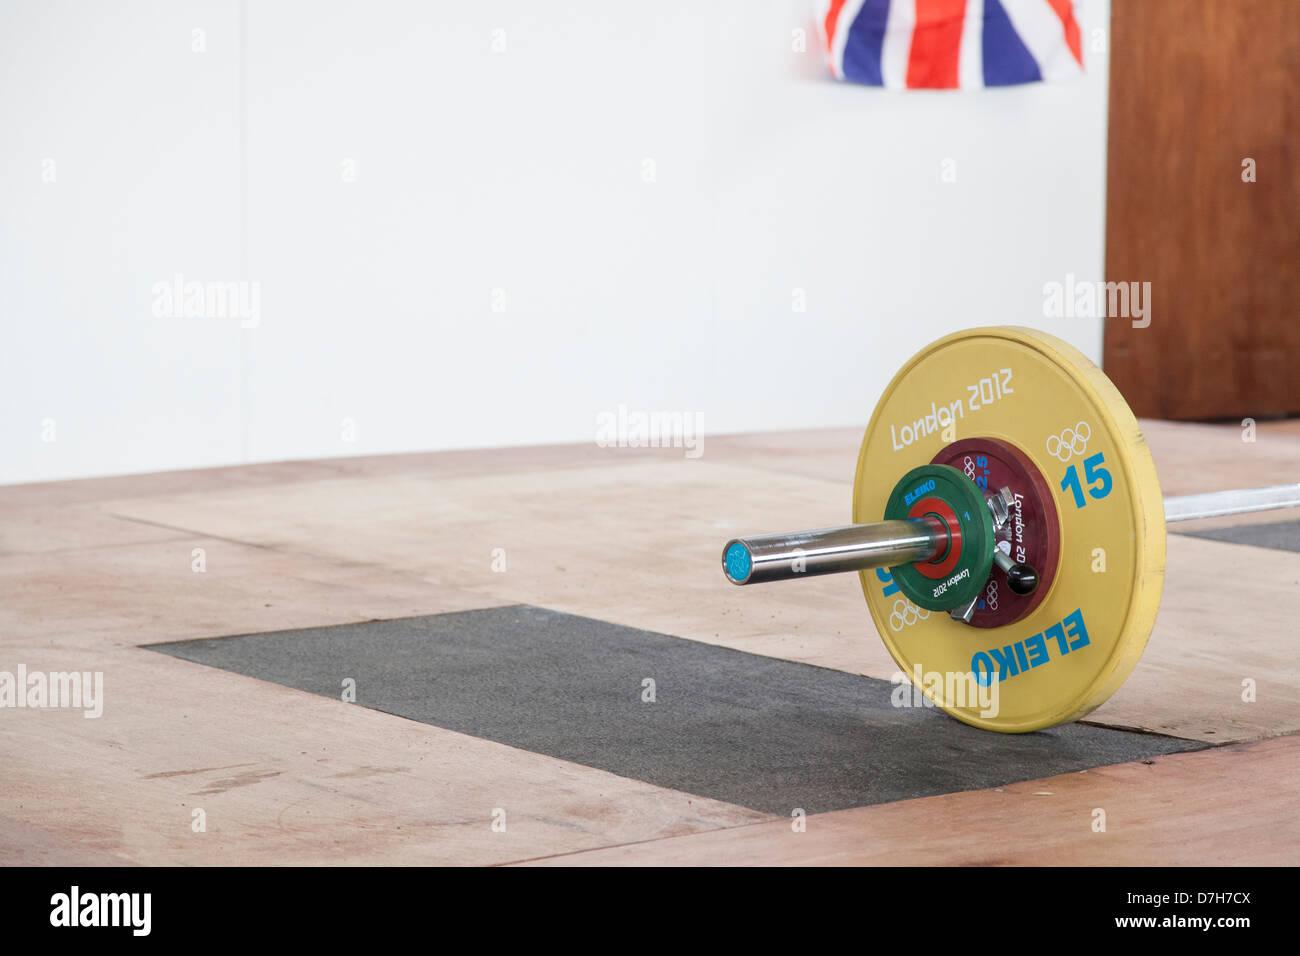 Peso olimpico con GB di bandiera in angolo. Sollevamento pesi olimpico Immagini Stock